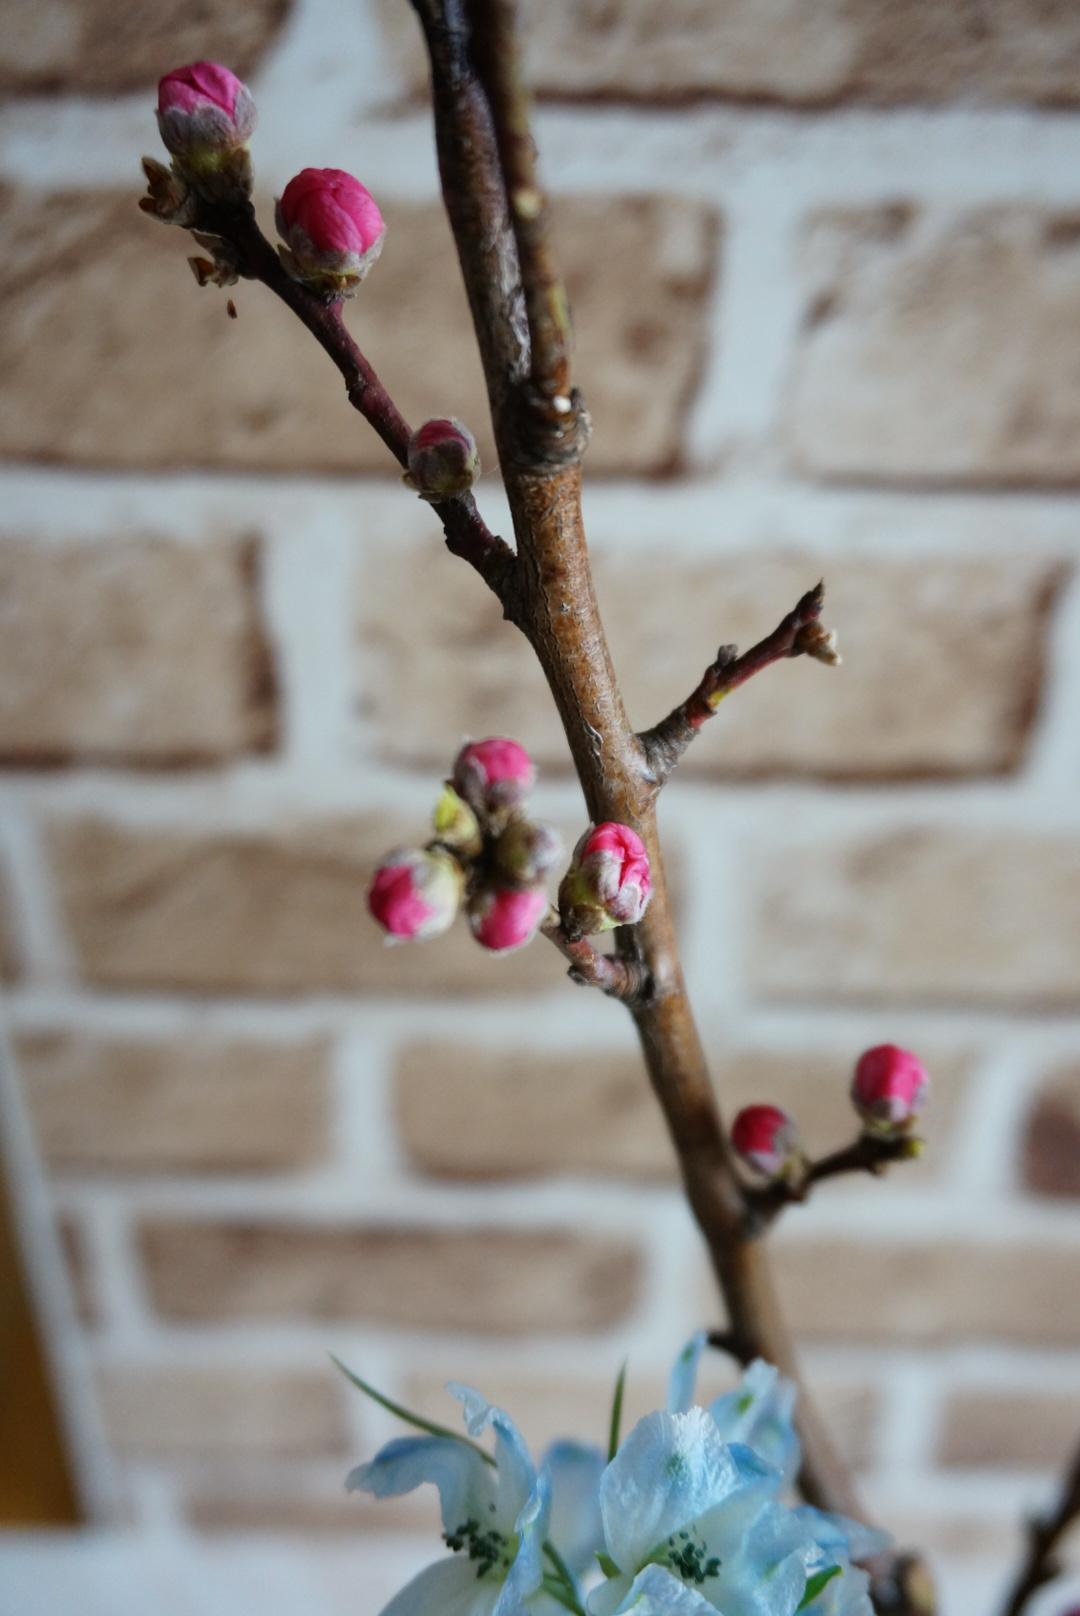 桃の花のアレンジメント_c0226331_15120926.jpg